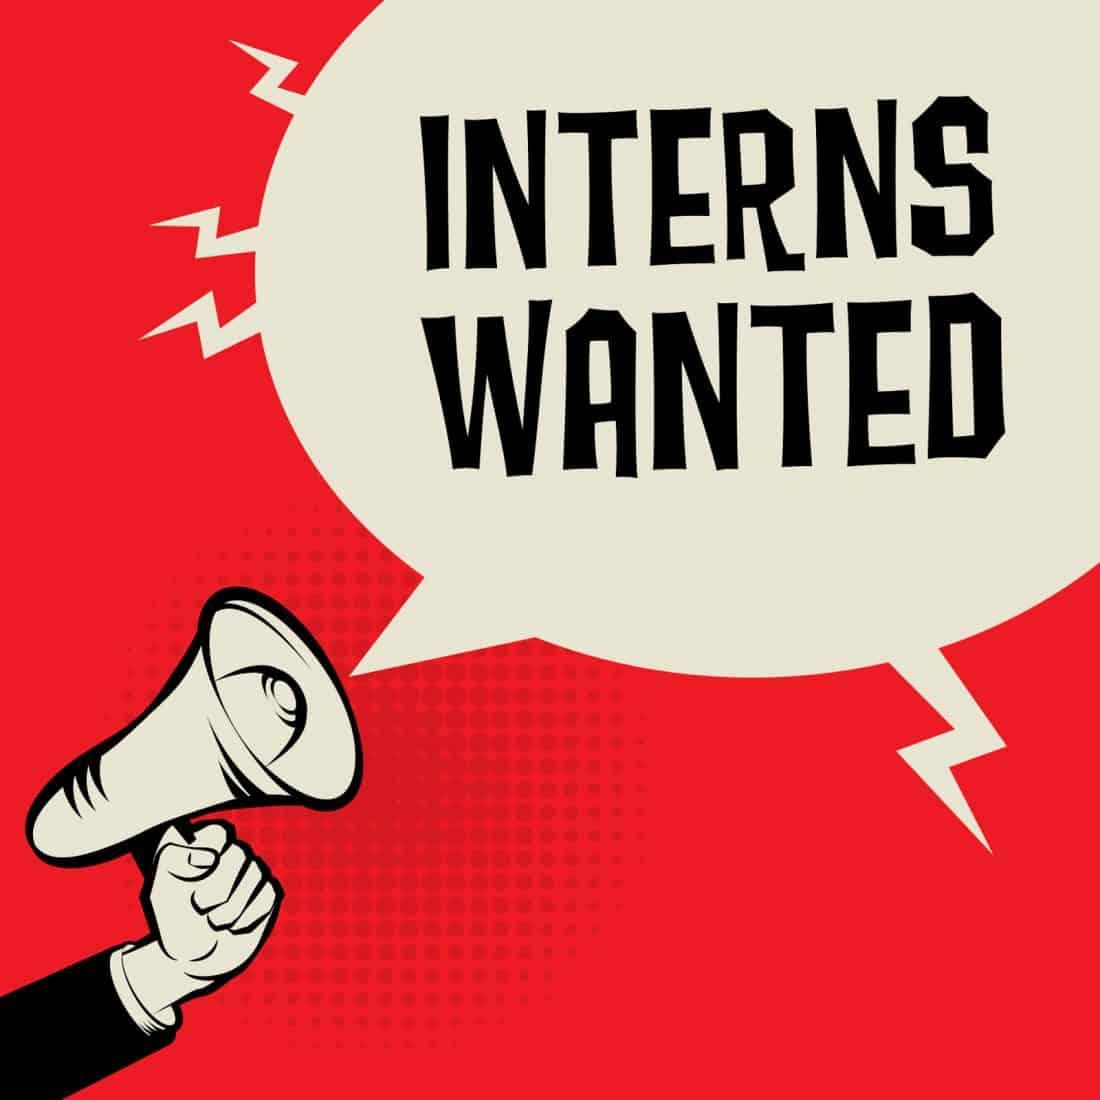 CLDC Seeking Interns!